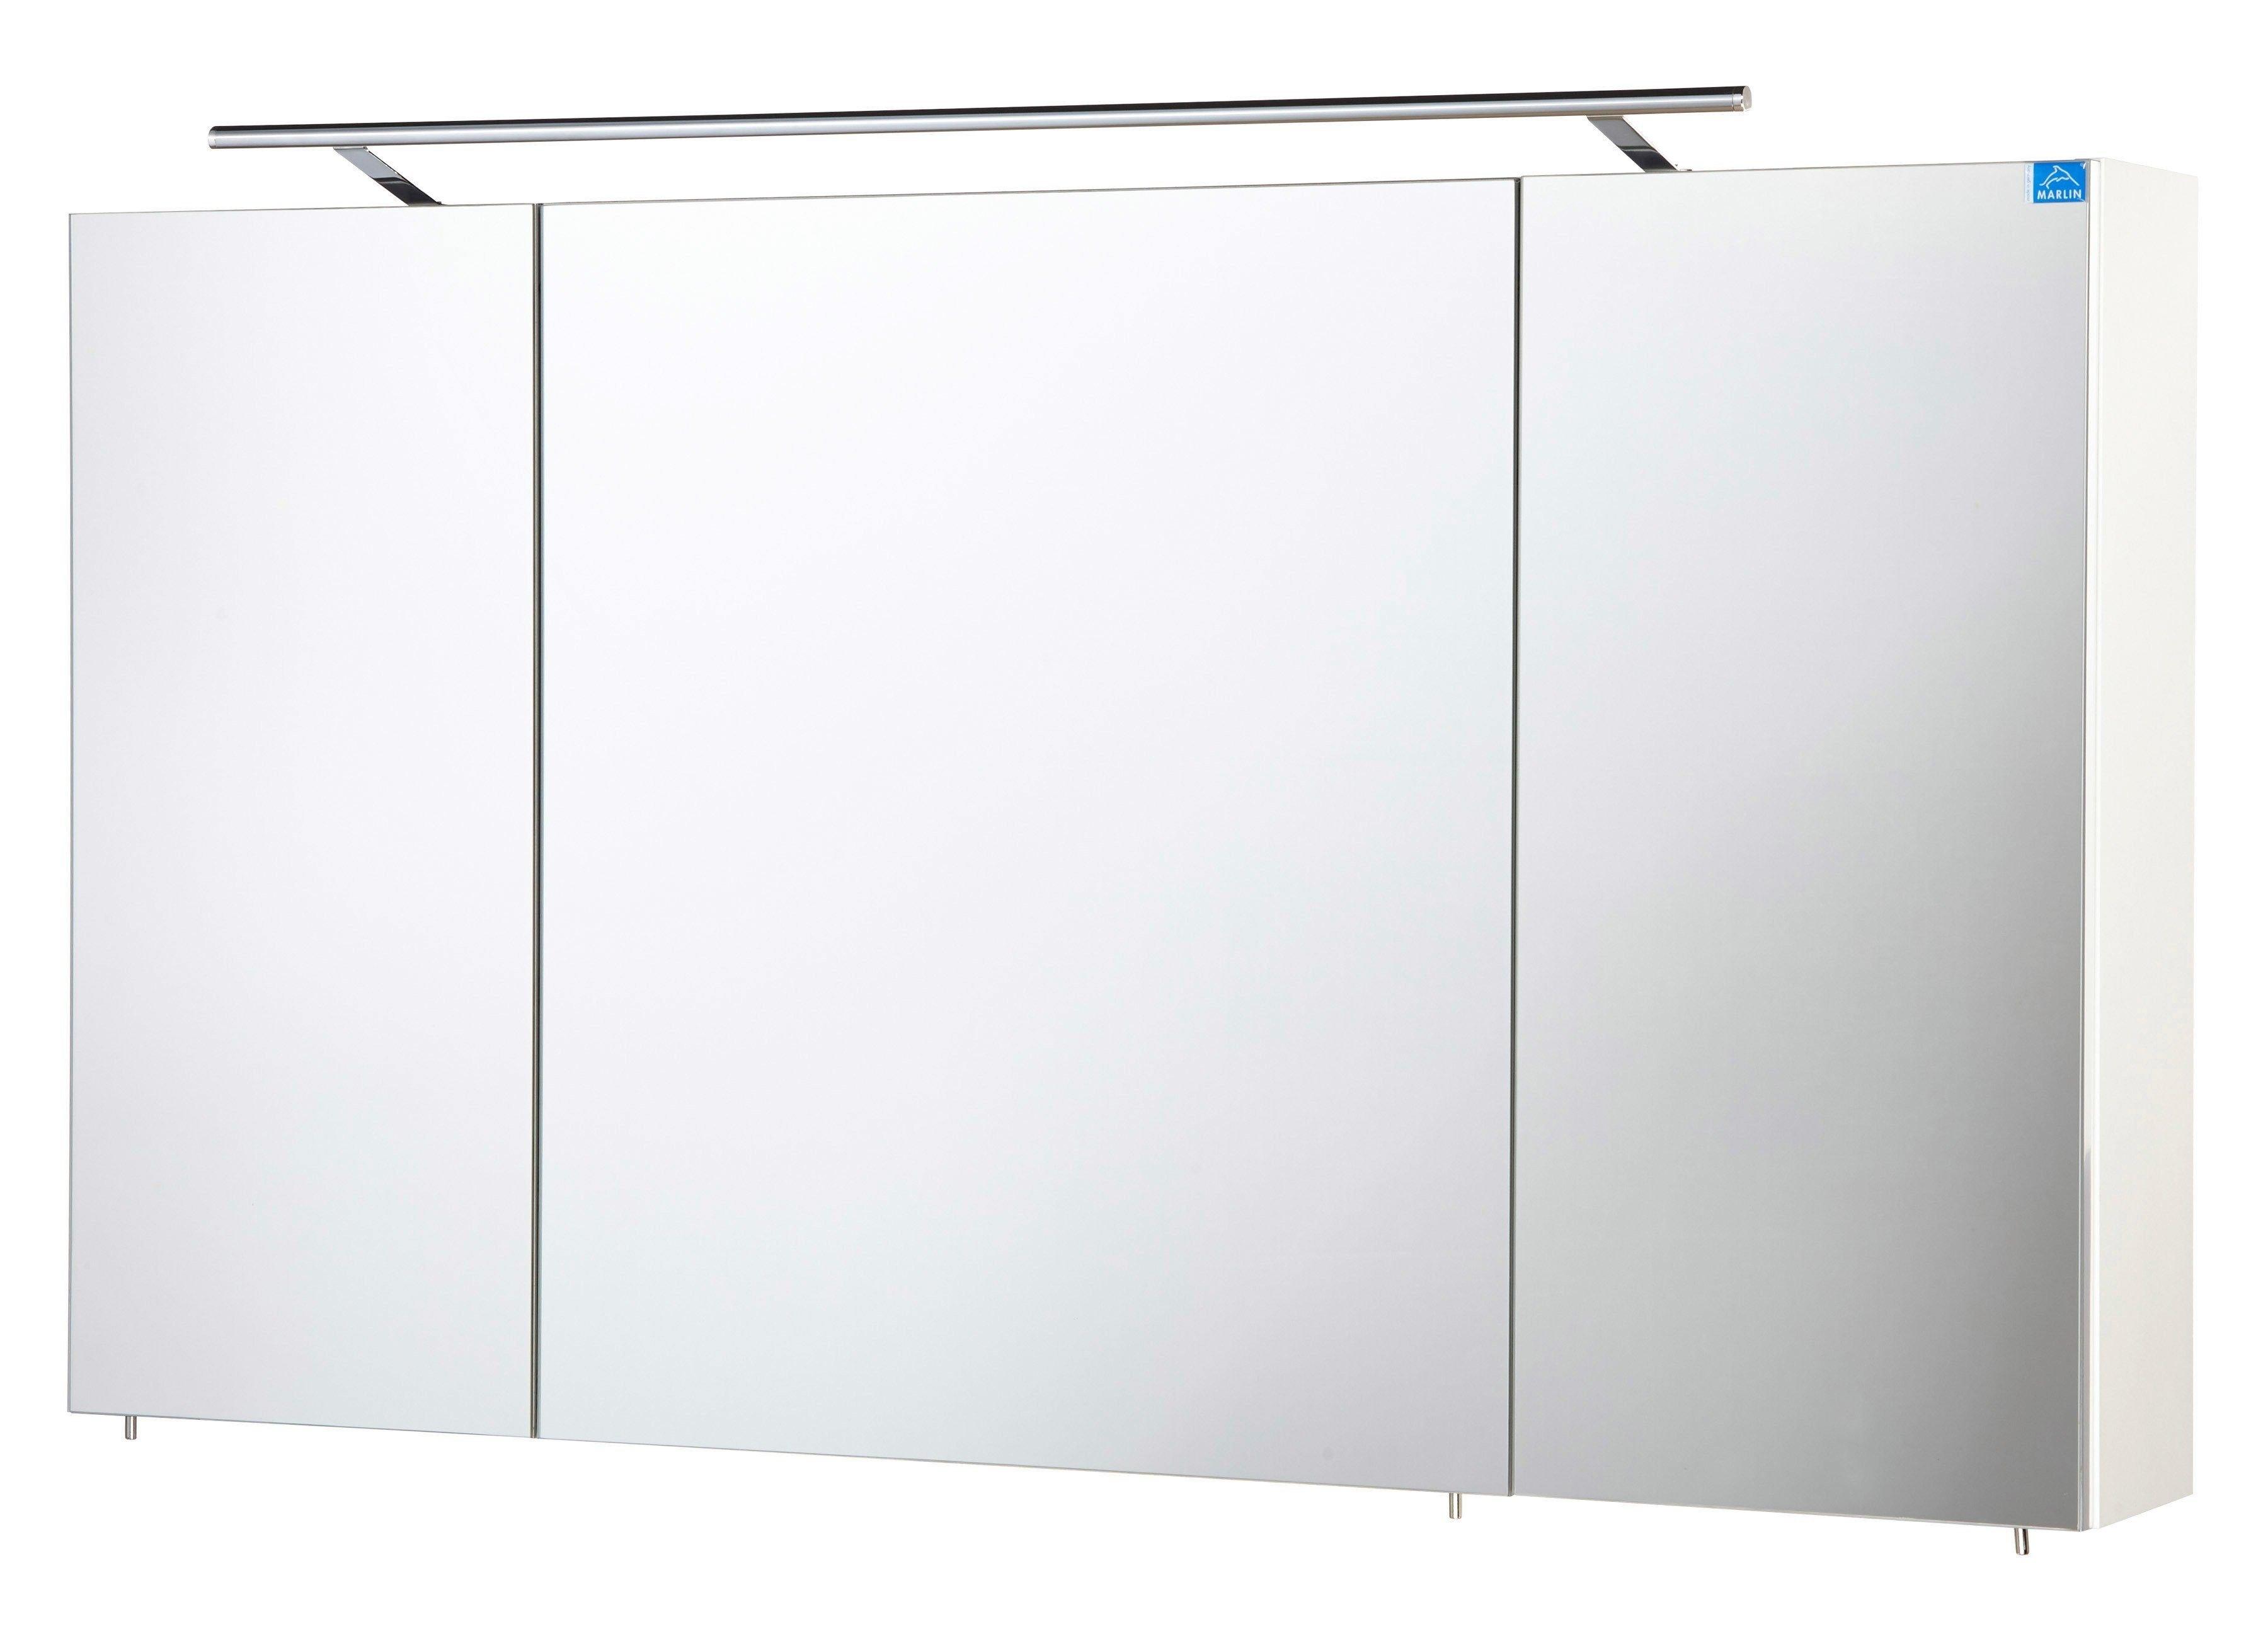 Op zoek naar een MARLIN Spiegelkast 3043 met ledverlichting, breedte 120 cm? Koop online bij OTTO